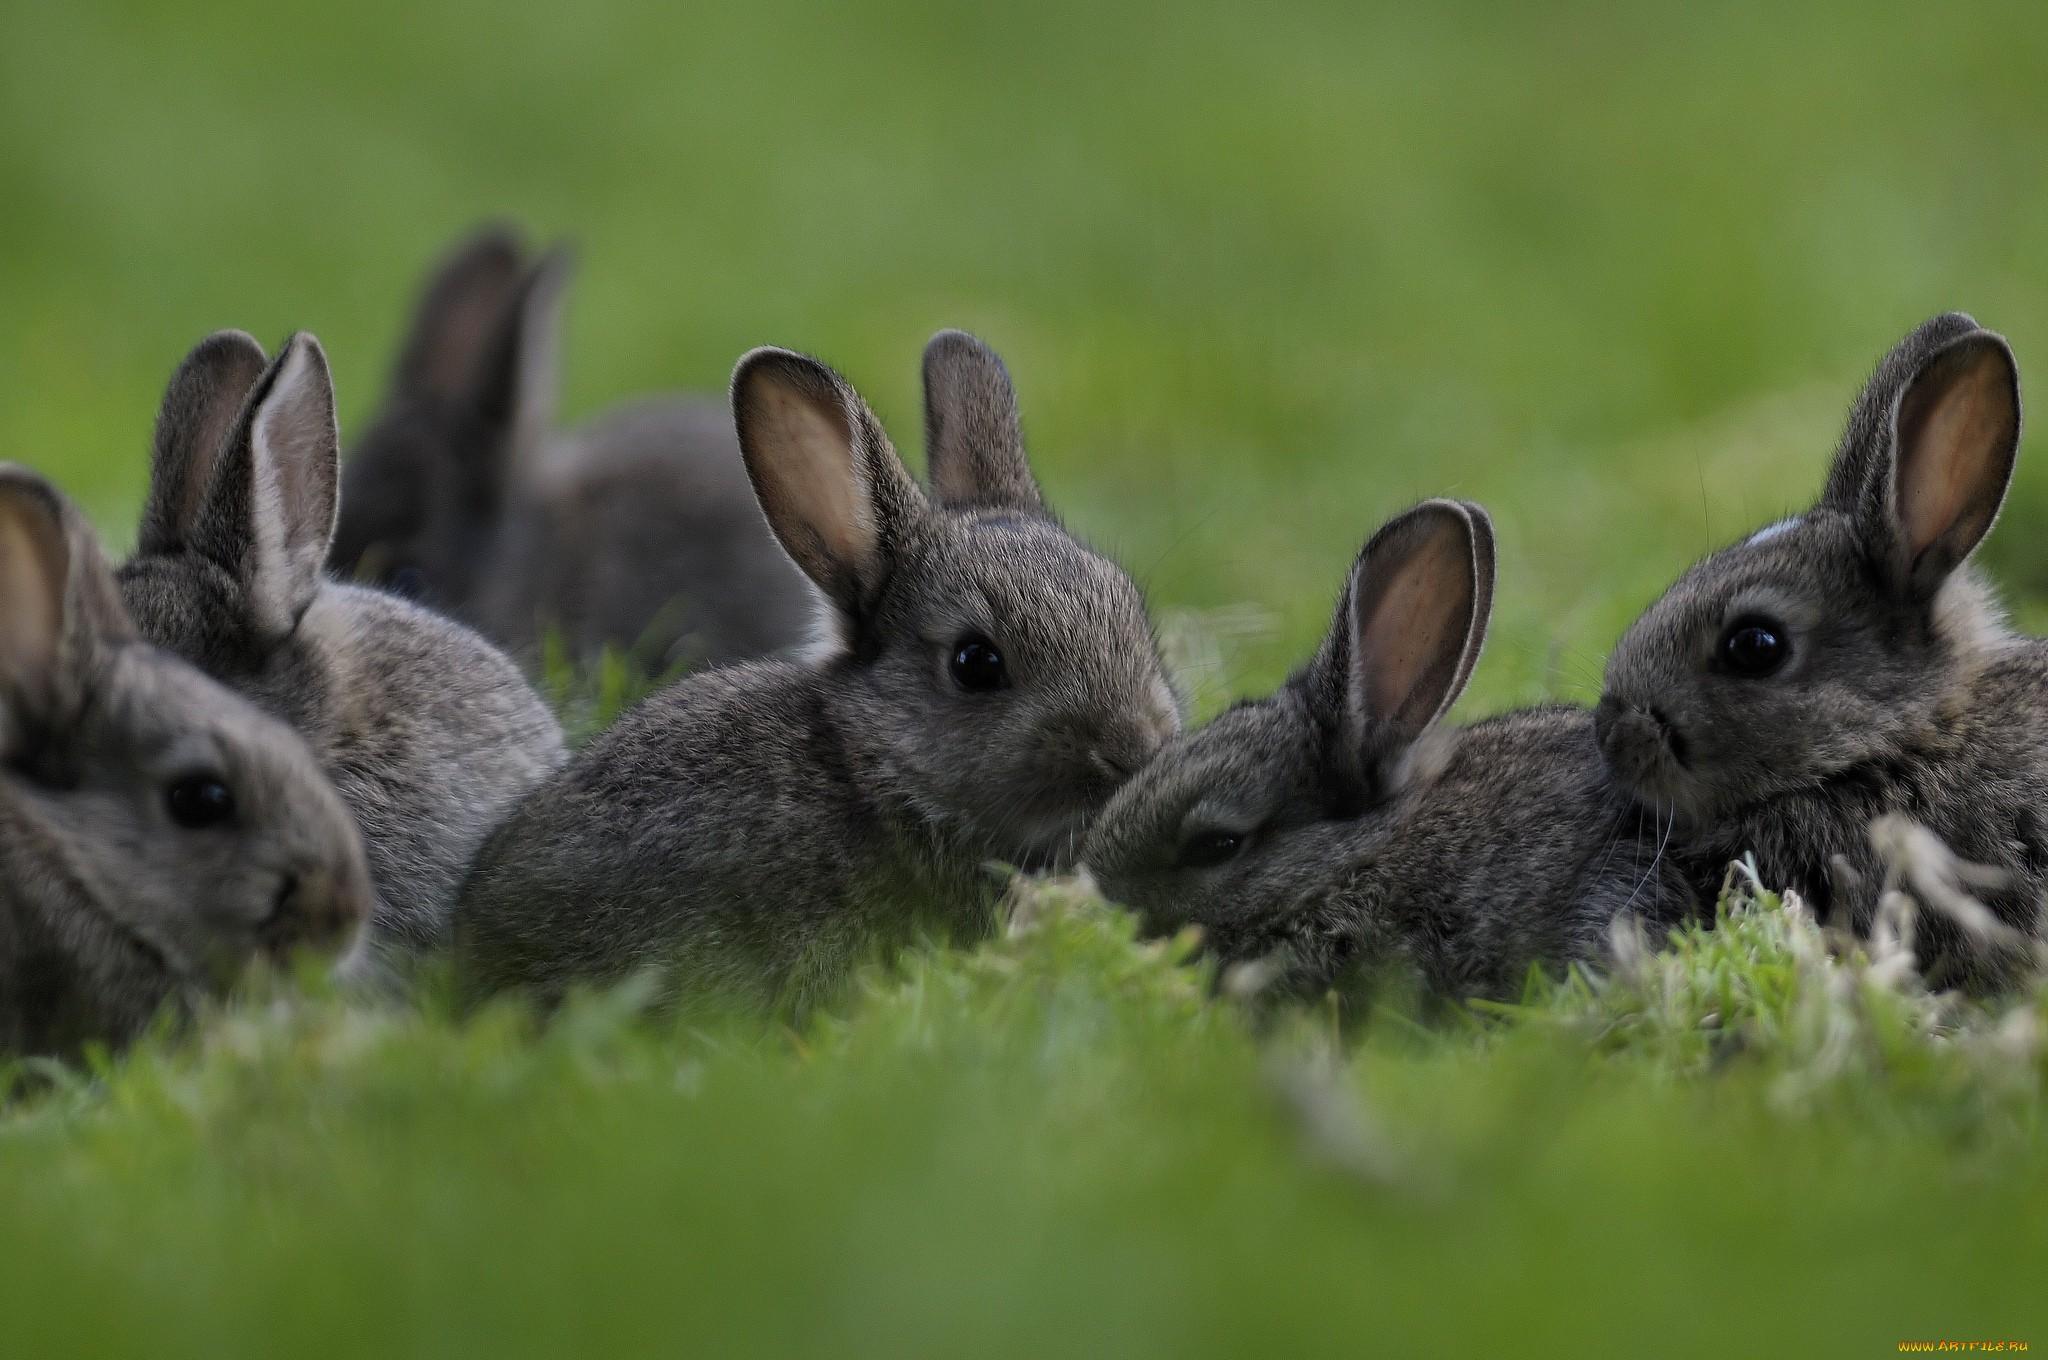 Картинка кролики в лесу